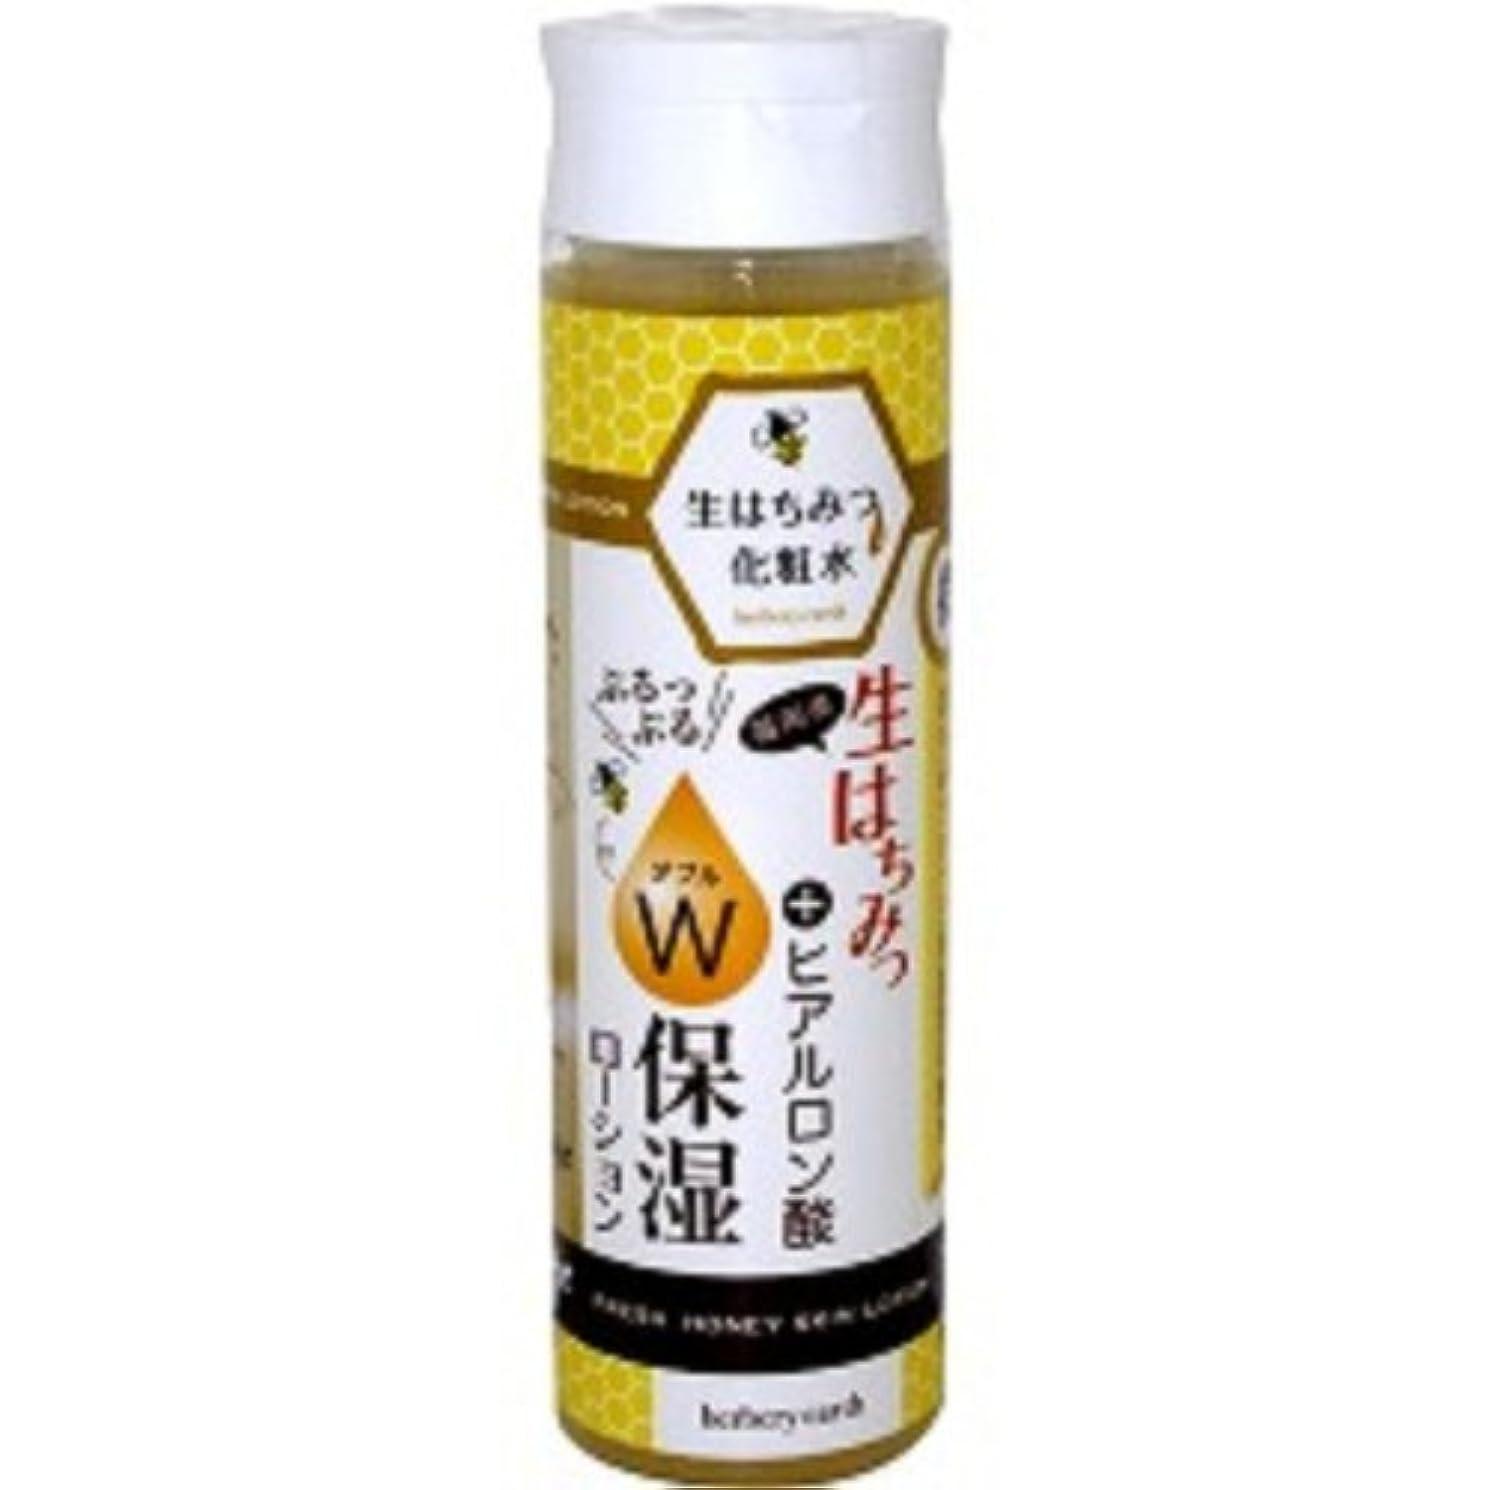 コンチネンタル変化するチャーター生はちみつ化粧水 W保湿スキンローション